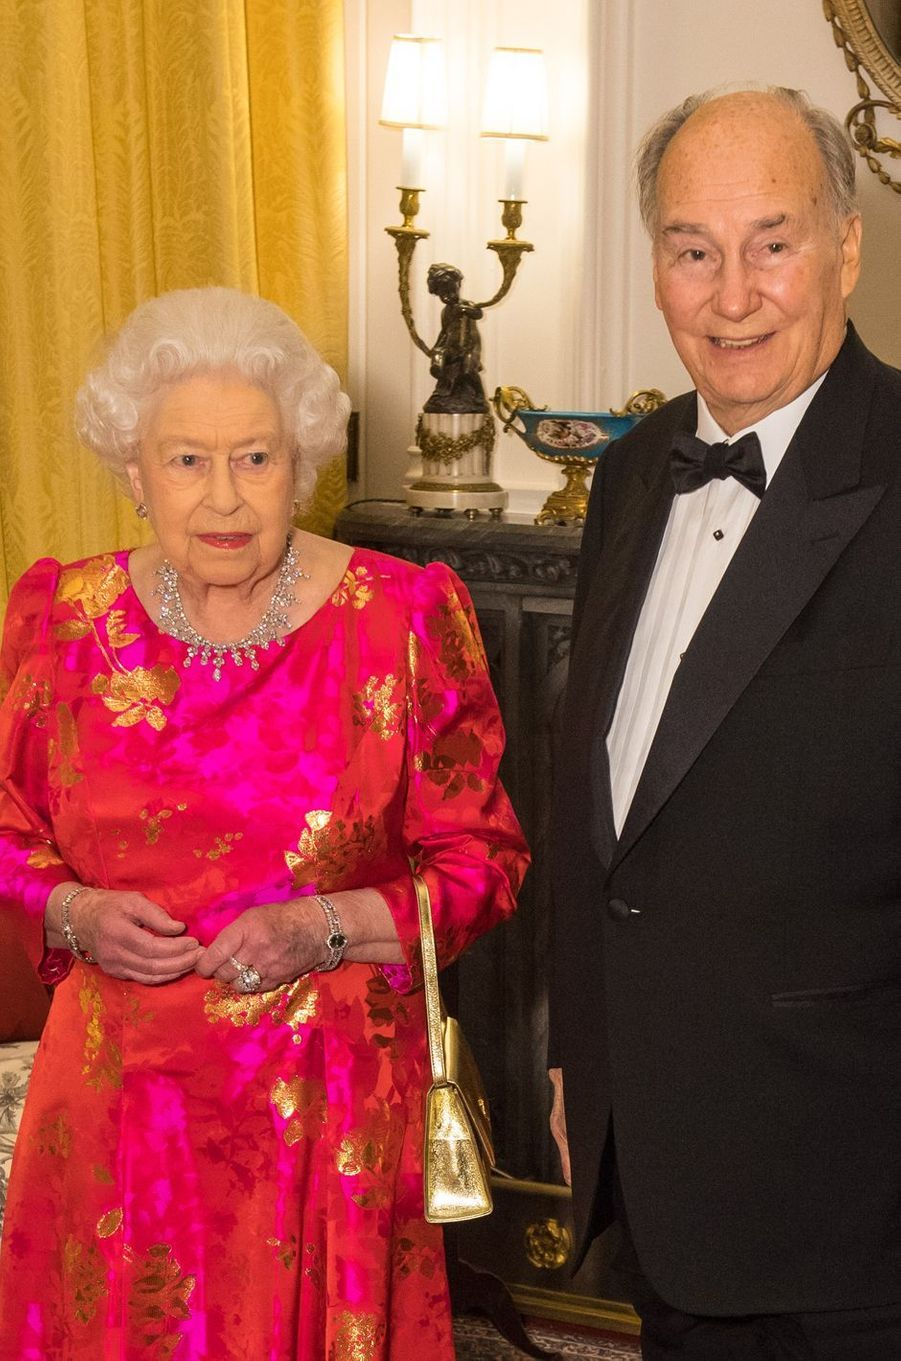 La reine Elizabeth II avec le prince Karim Aga Khan IV au château de Windsor, le 8 mars 2018